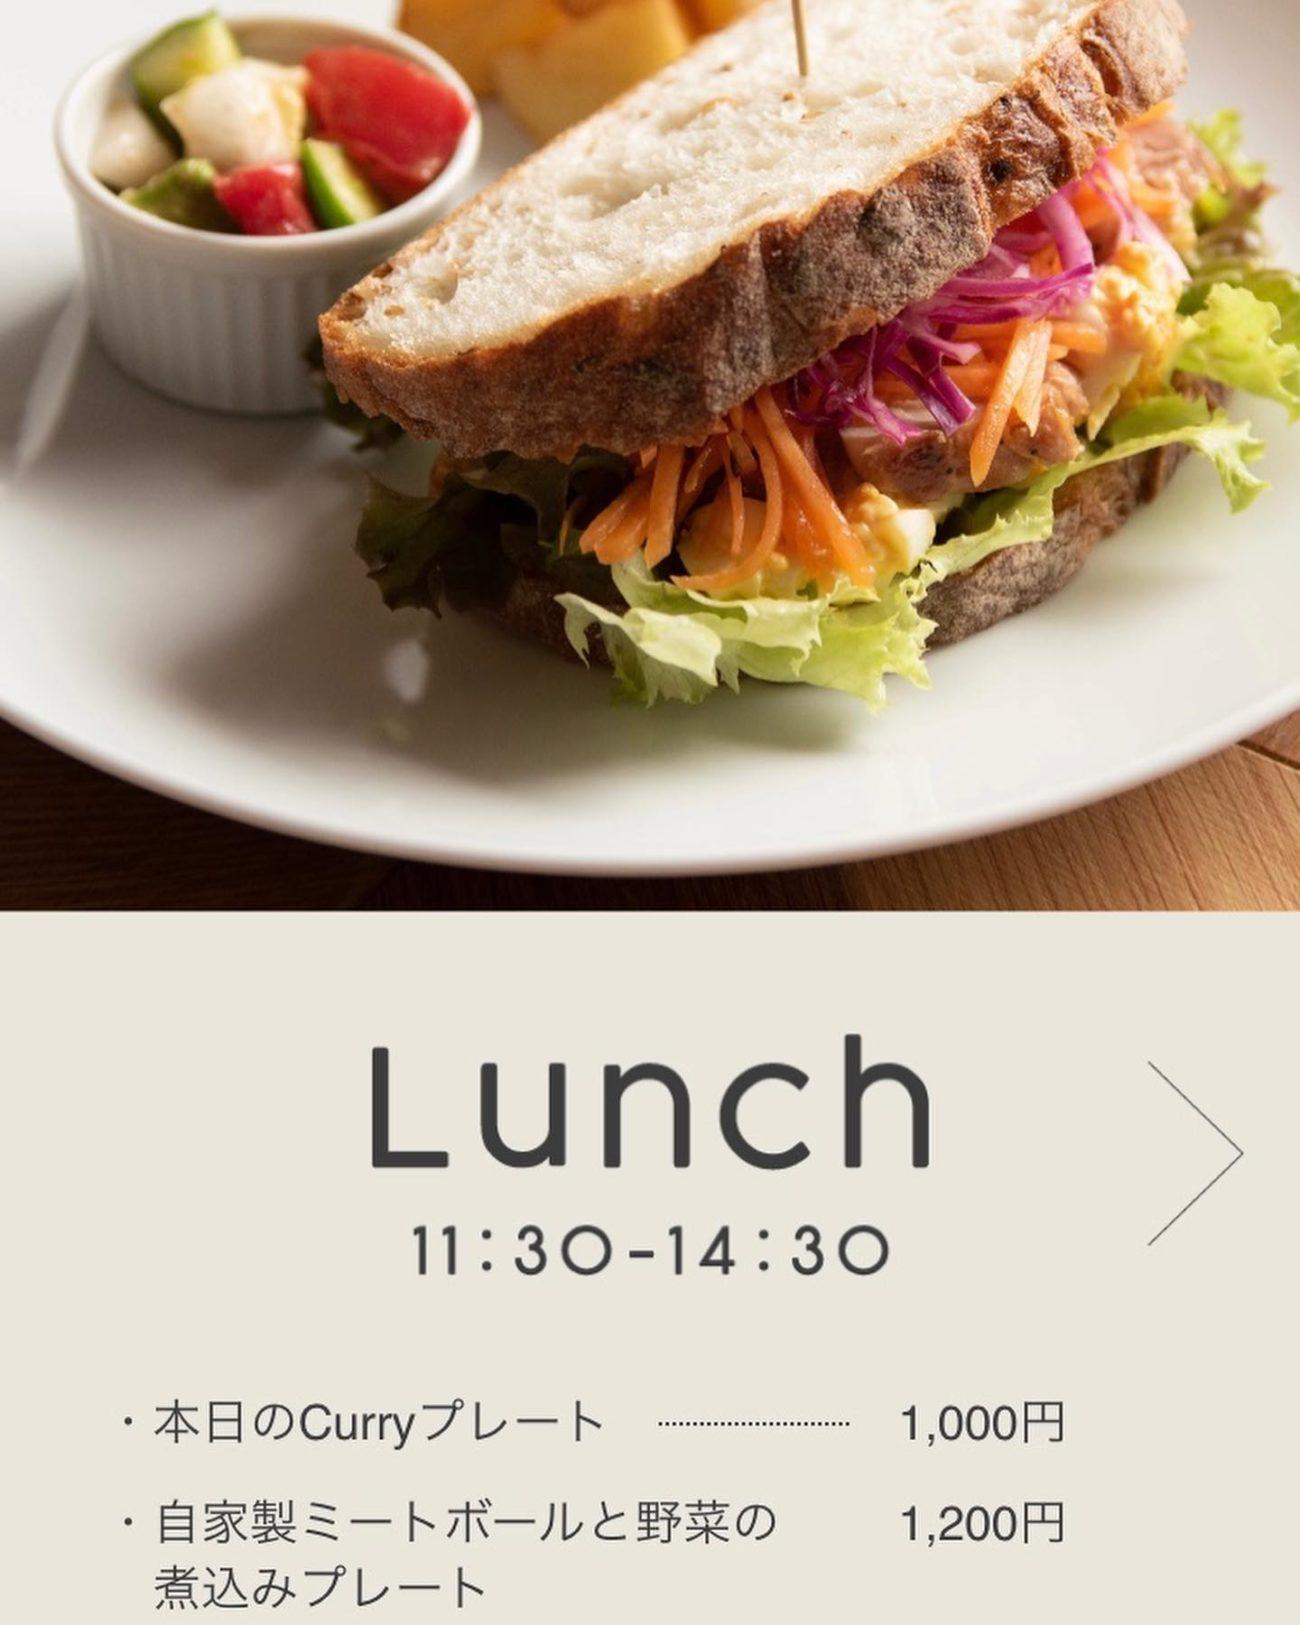 アビエス2020パートナー紹介-デリ&カフェ「K」-lunch